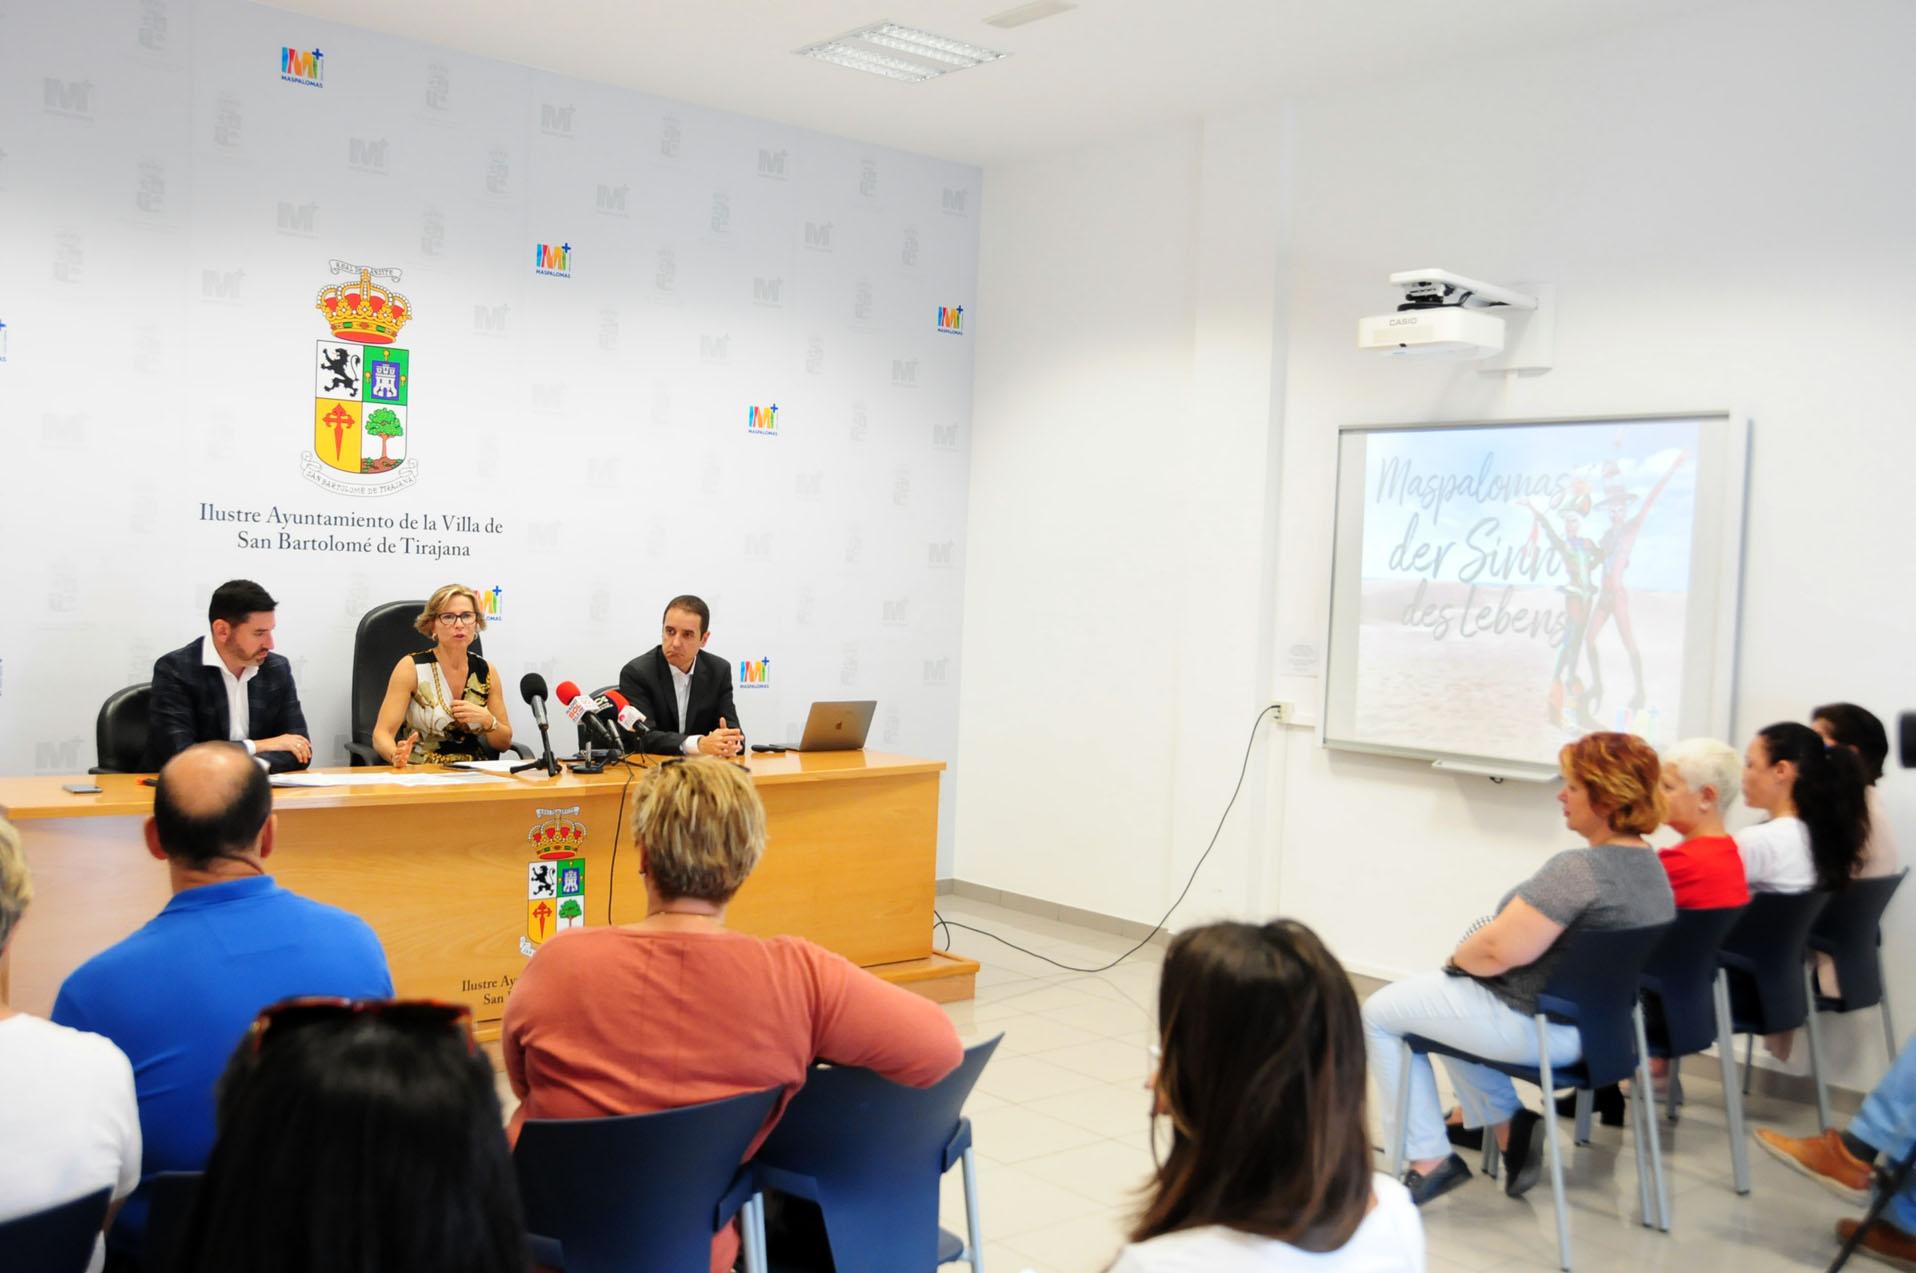 presentación de la ITB Berlin en San Bartolomé de Tirajana